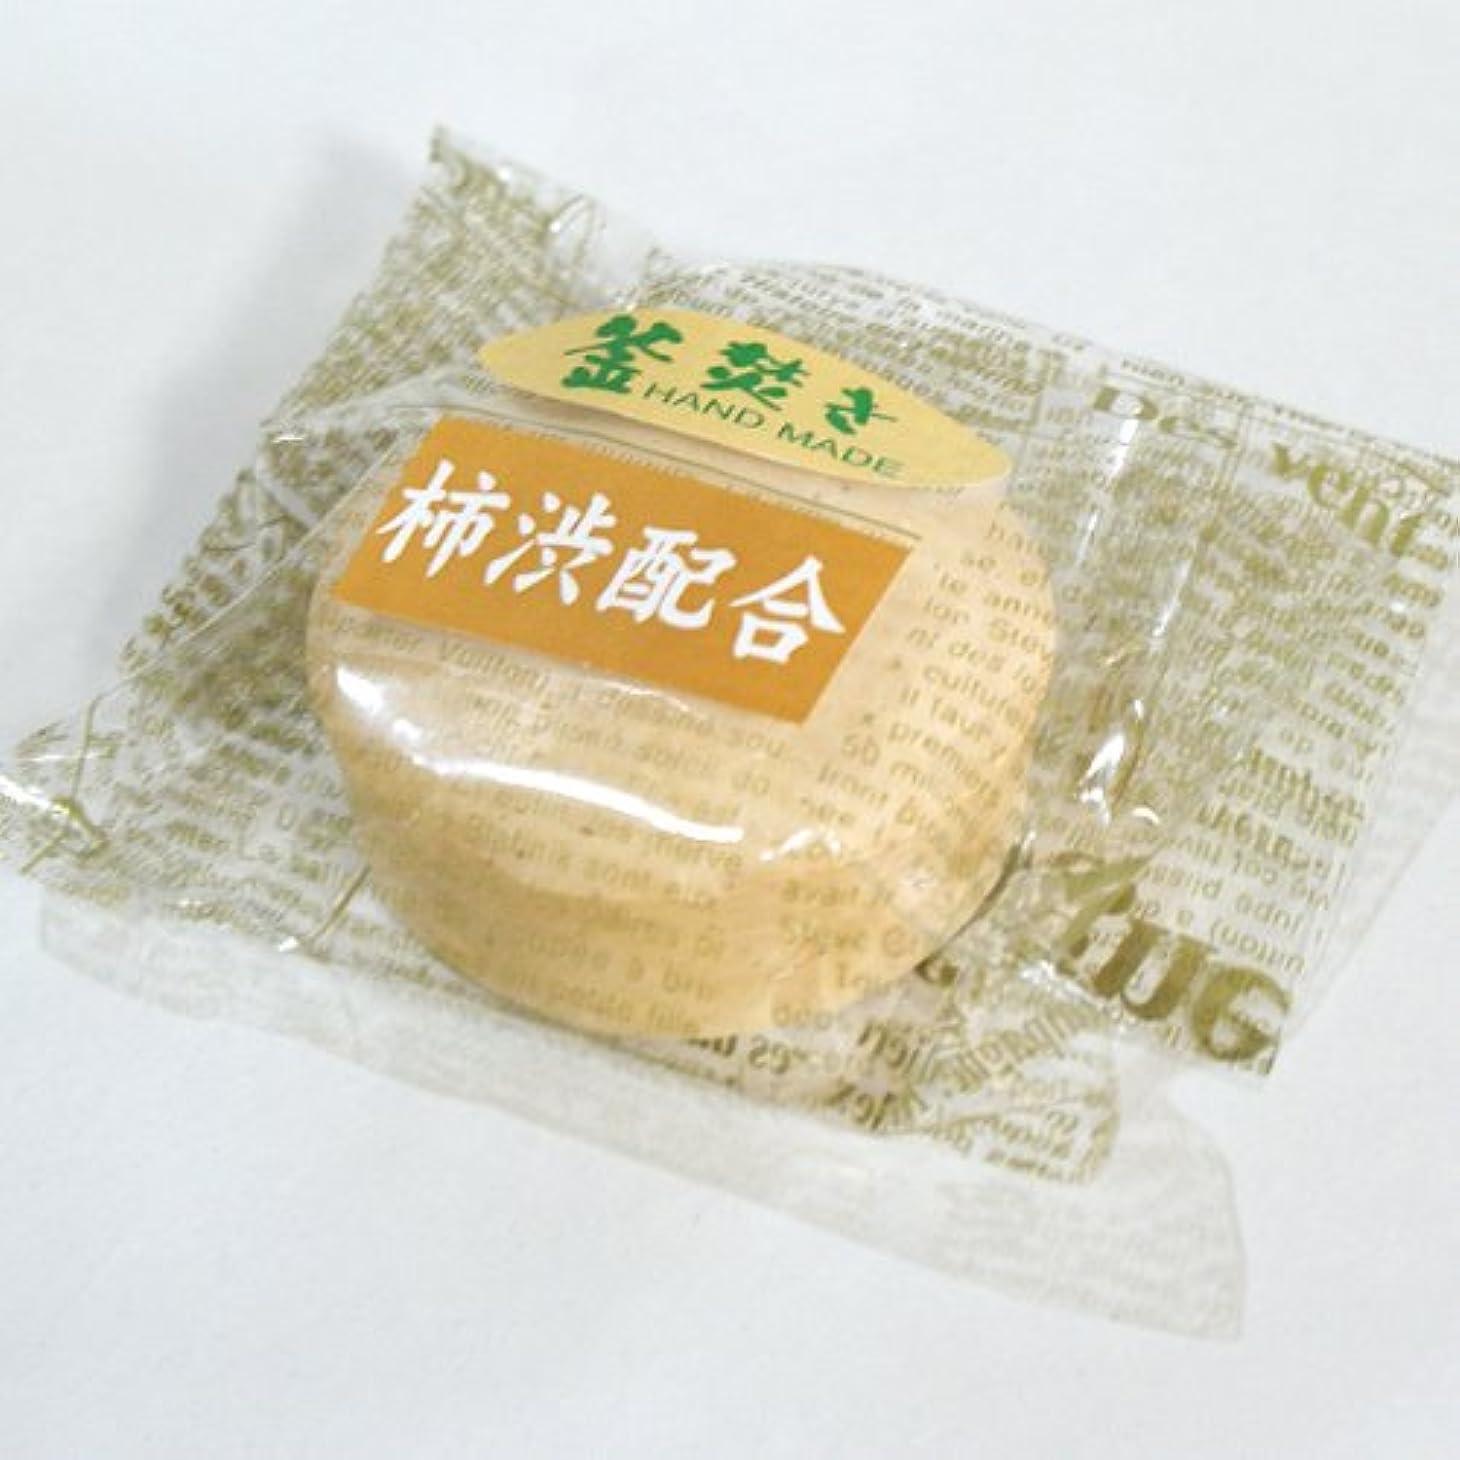 郵便物特に生産性八坂石鹸 手作り石けん 柿渋60g